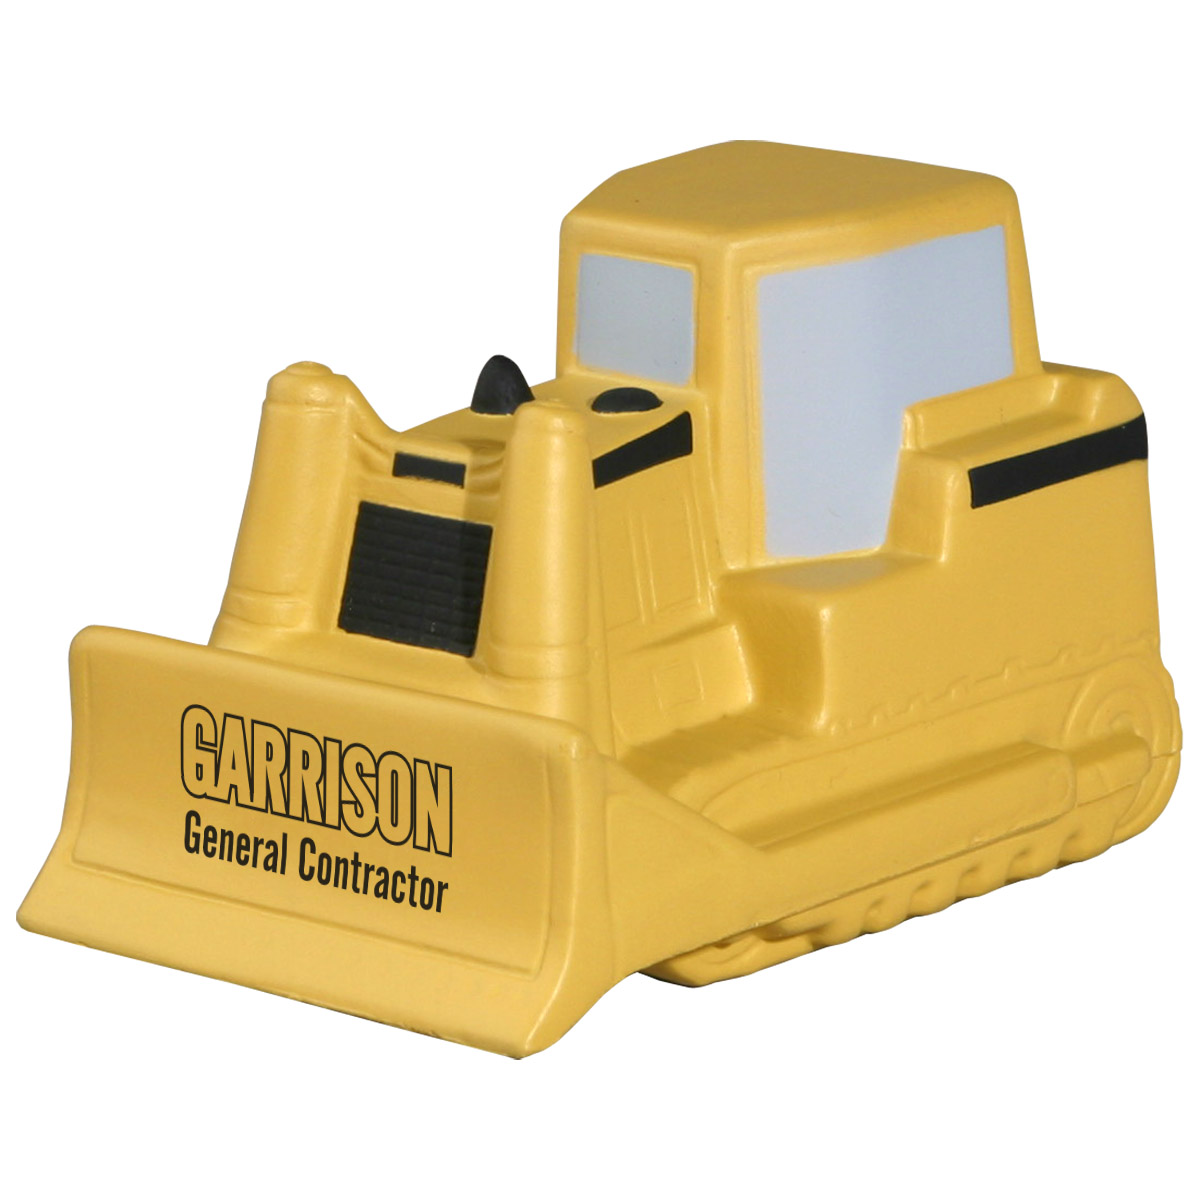 Bulldozer Stress Reliever, LCN-BD01 - 1 Colour Imprint